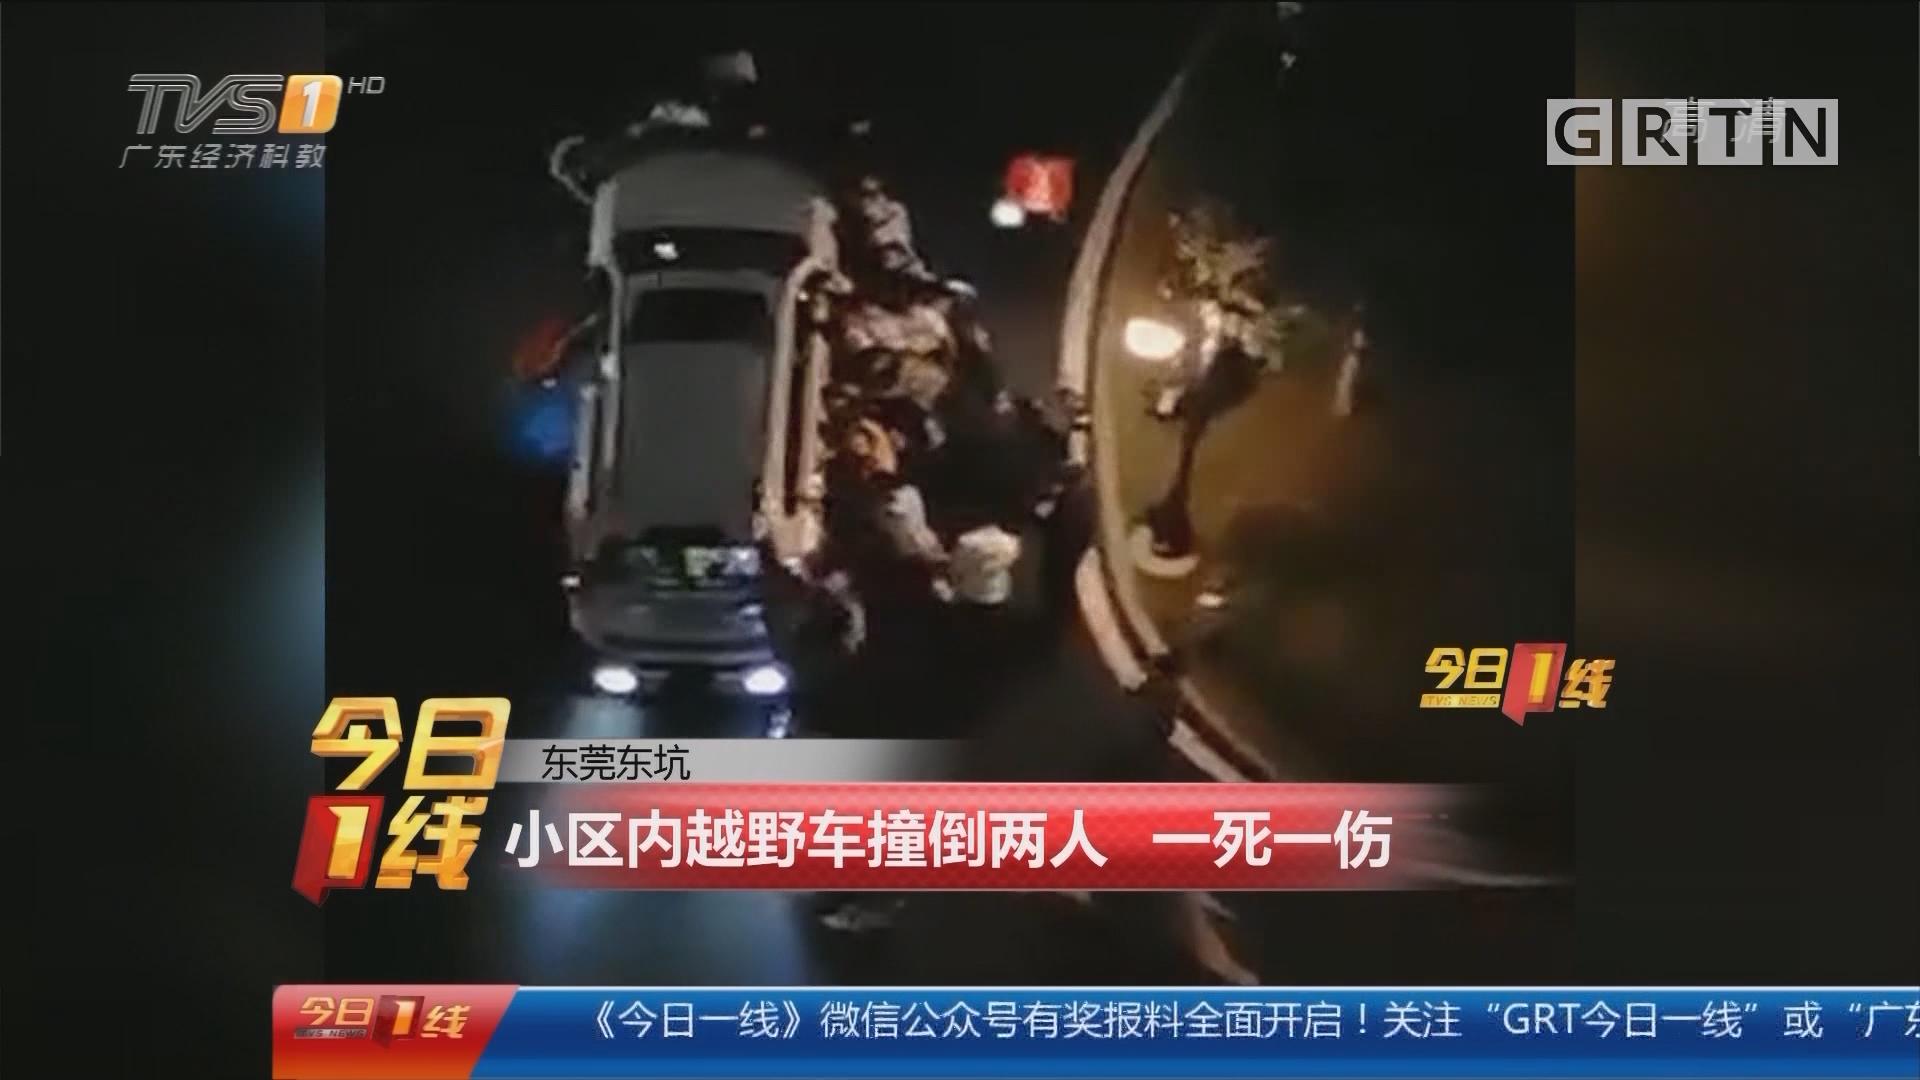 东莞东坑:小区内越野车撞倒两人 一死一伤